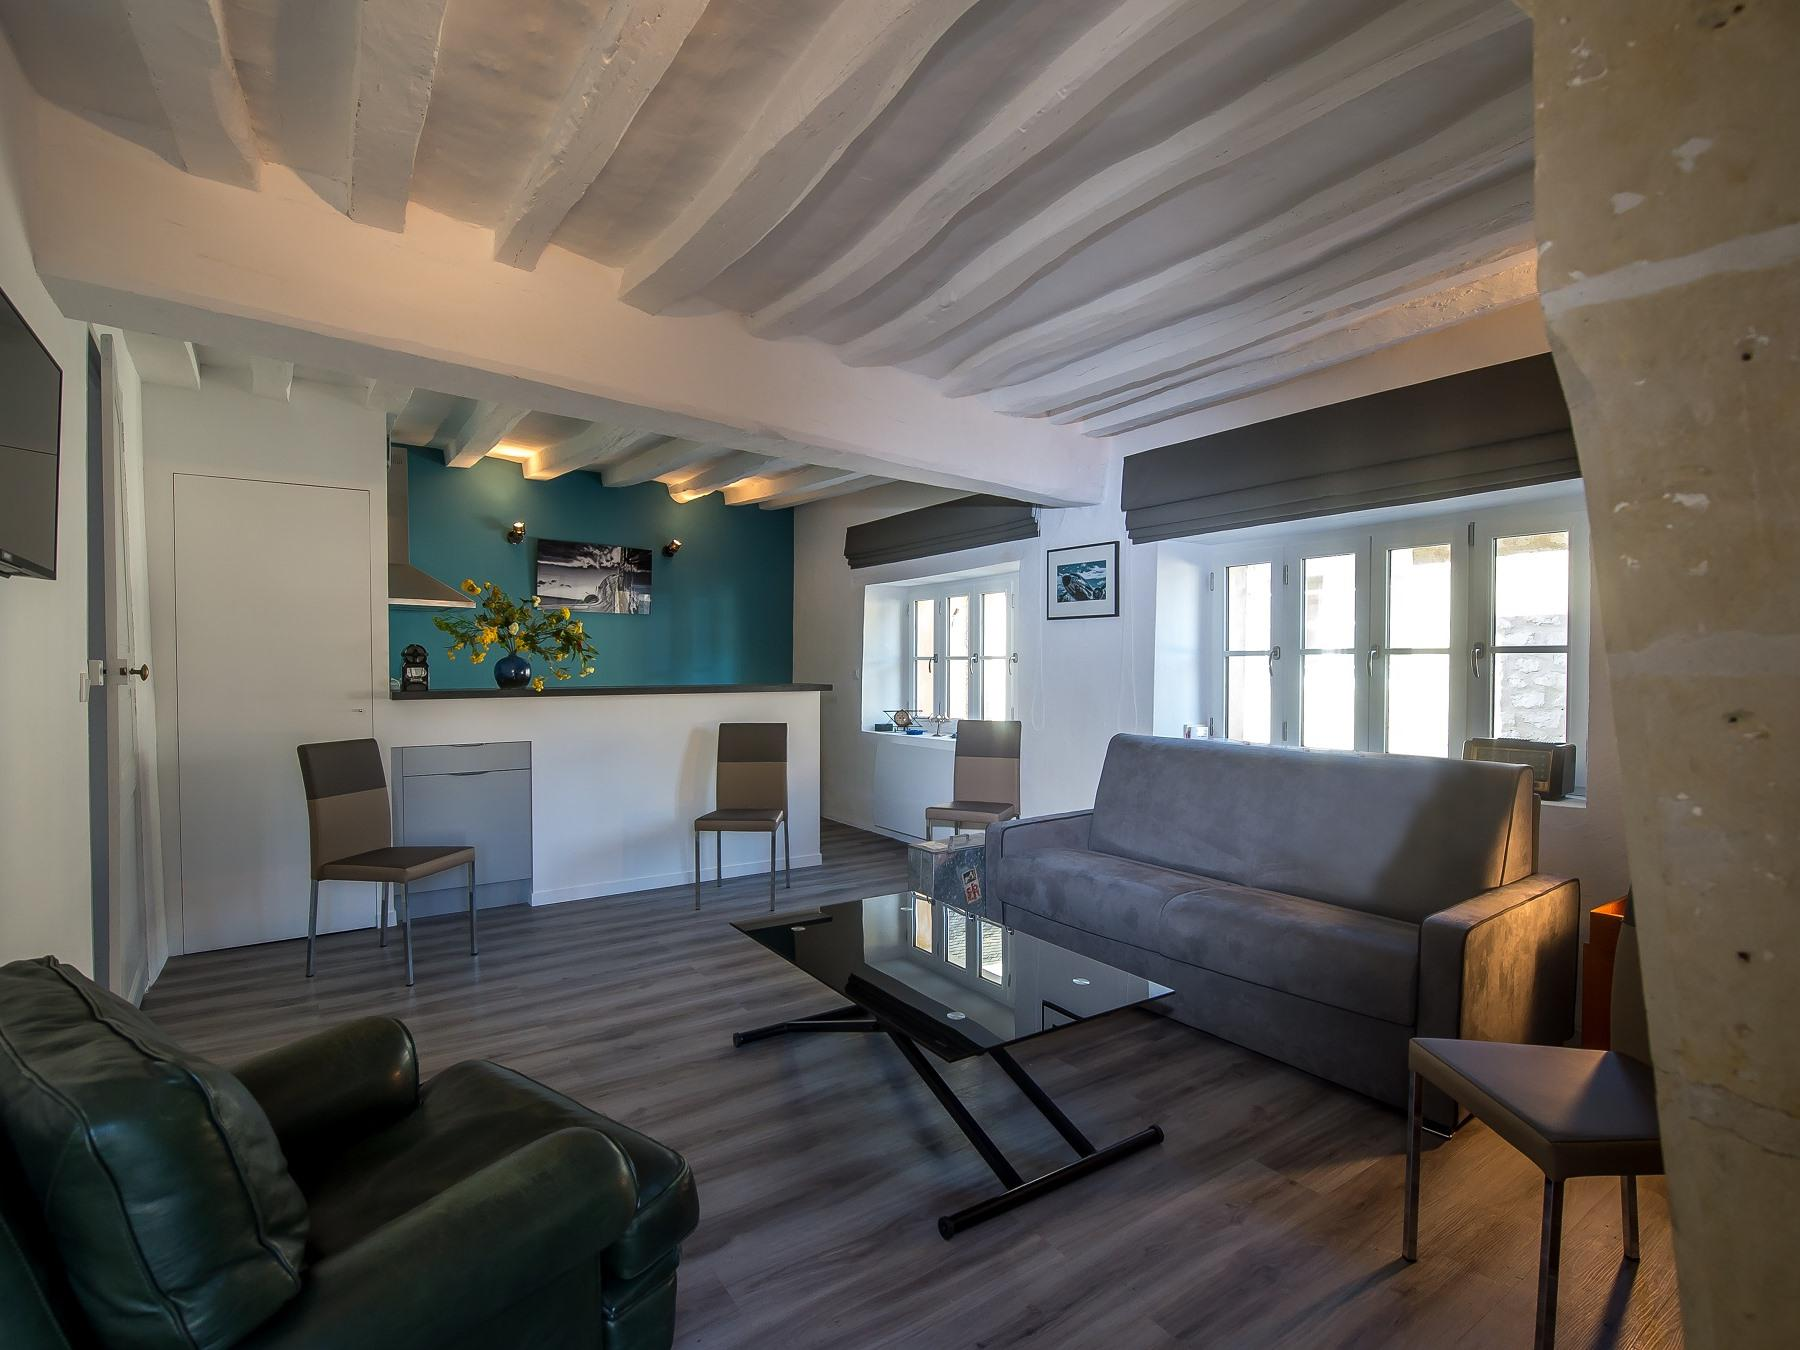 Appartement-Salle de bain Privée-Gîte Hélène Boucher - Tarif de base